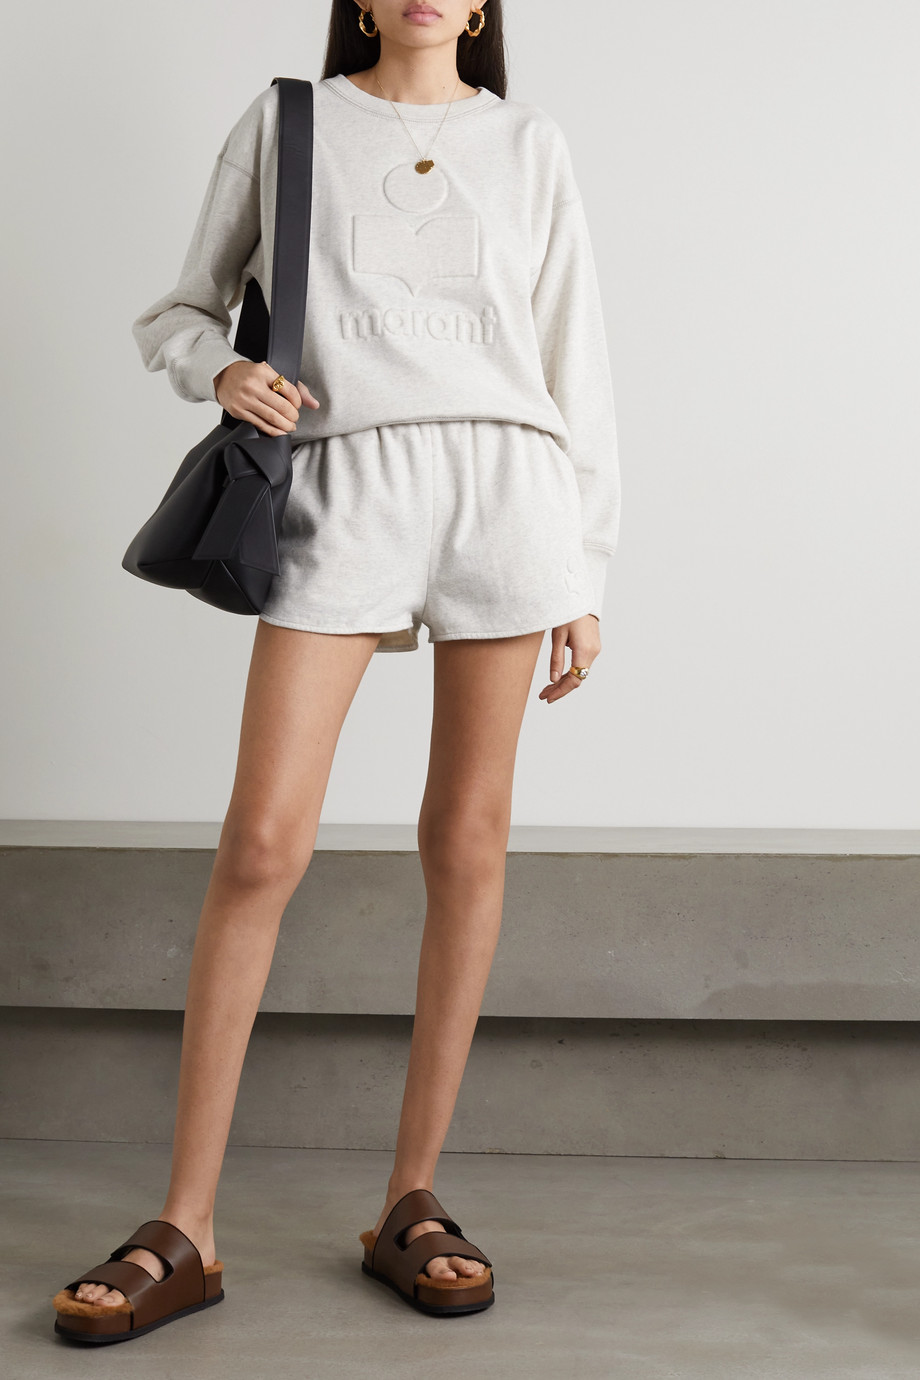 Isabel Marant Étoile Mobyli Sweatshirt aus Jersey aus einer Baumwollmischung mit Prägung